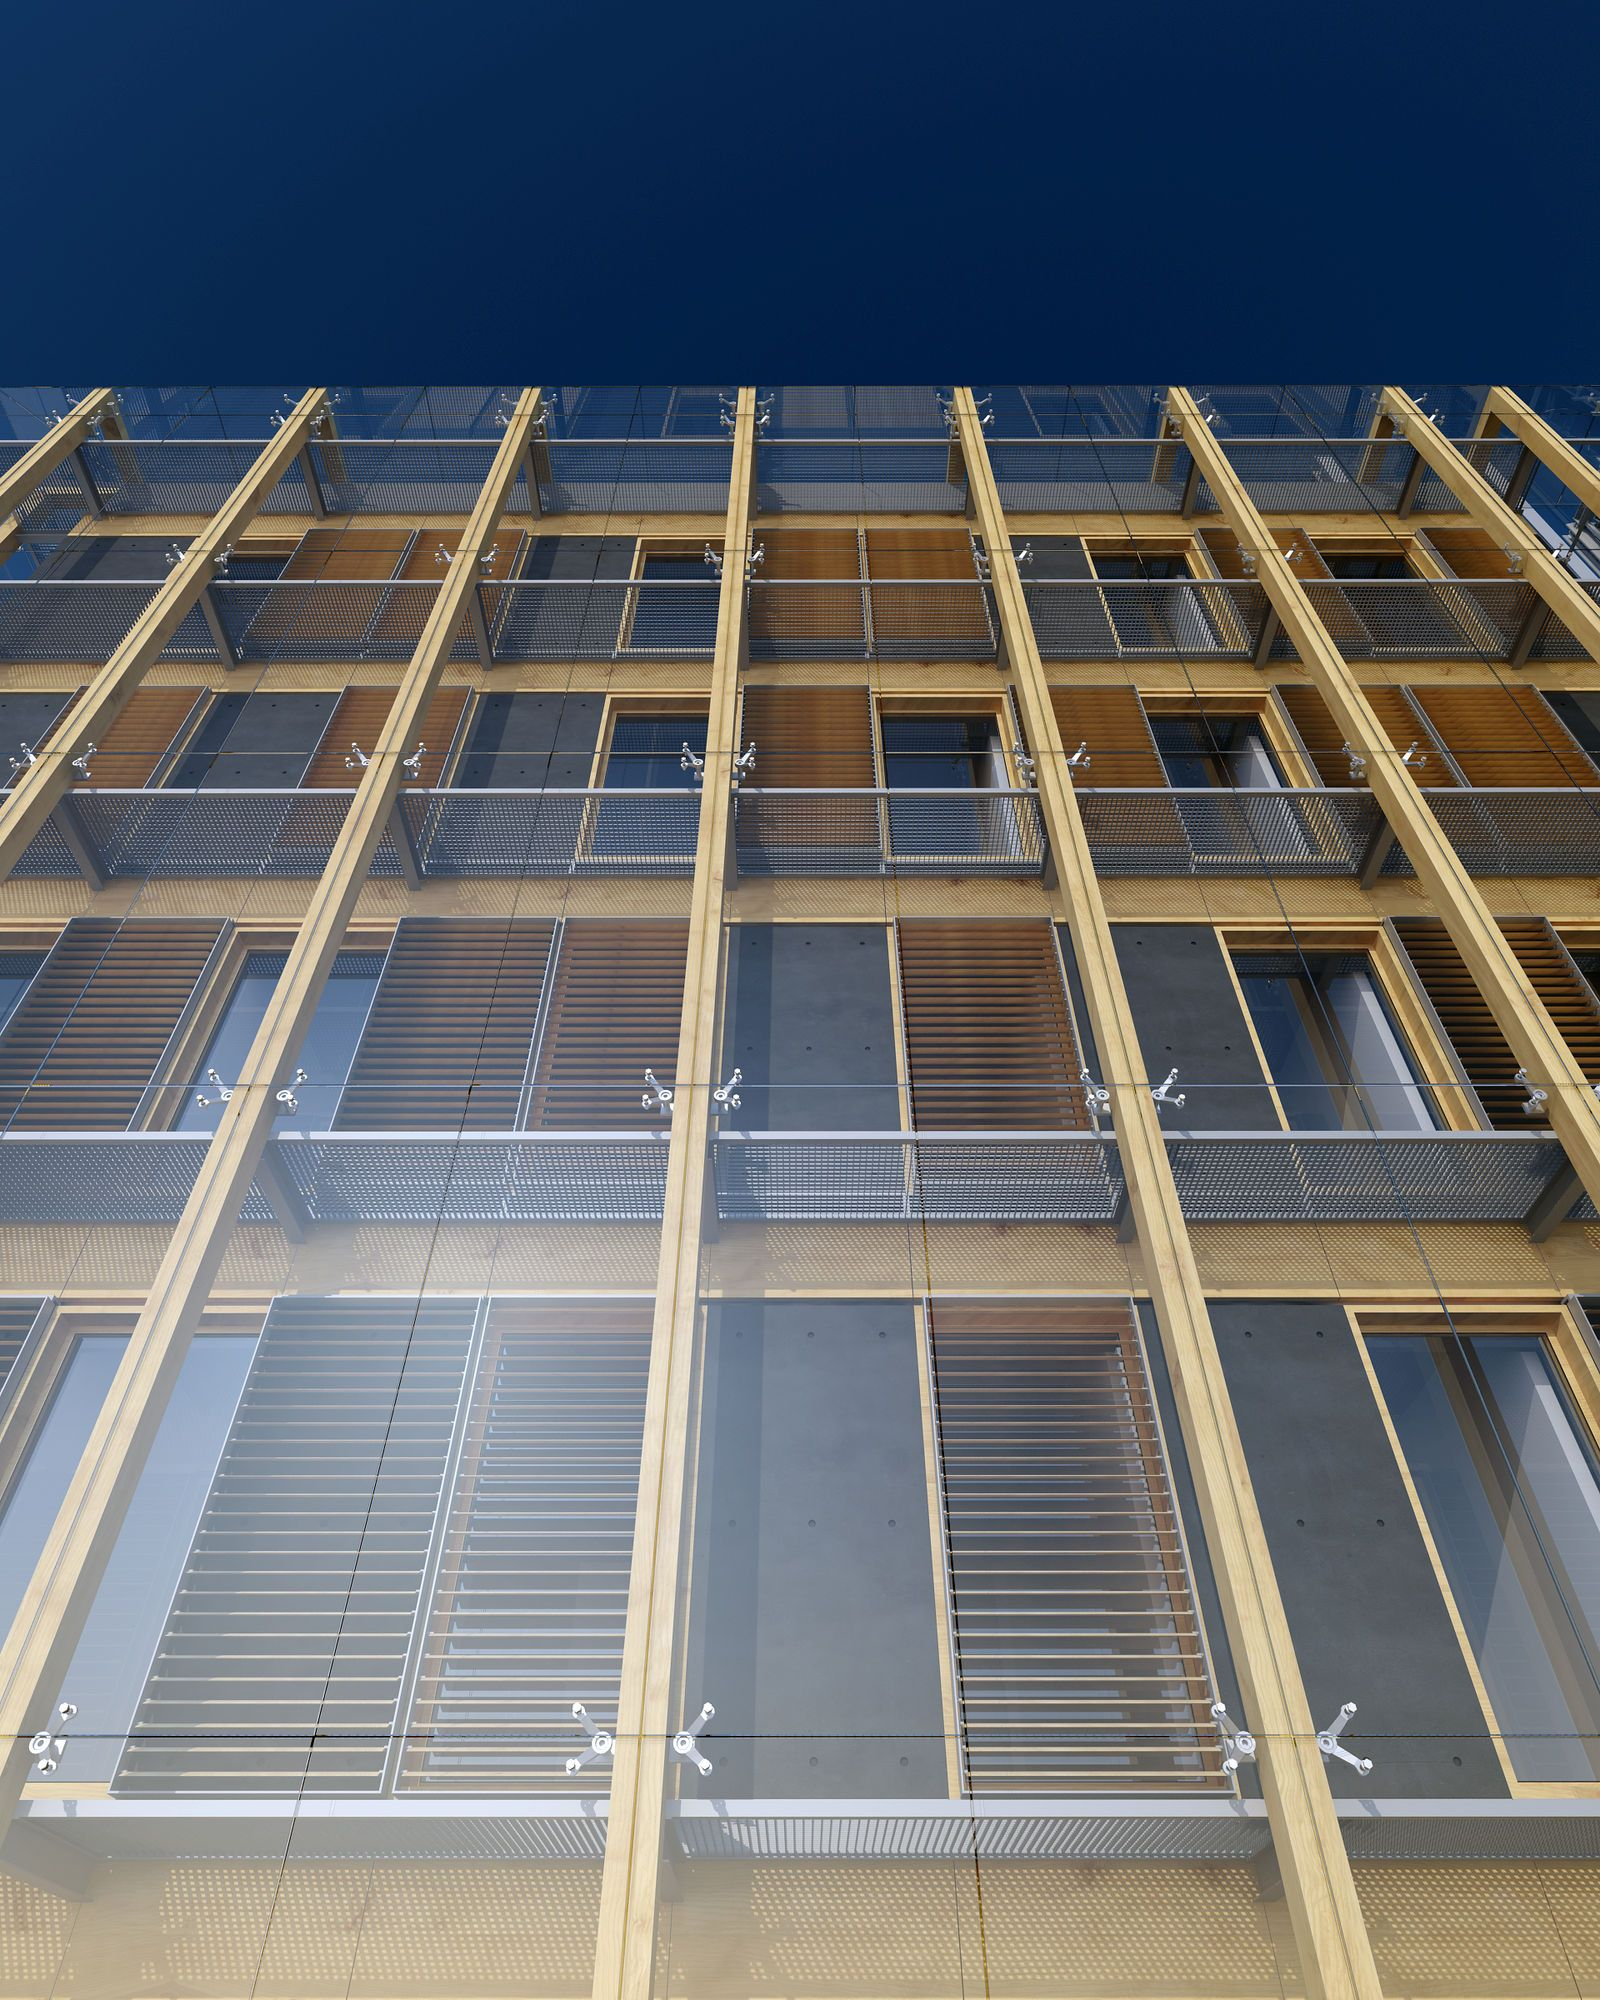 Architecture Facades: Double (second) Skin Facade